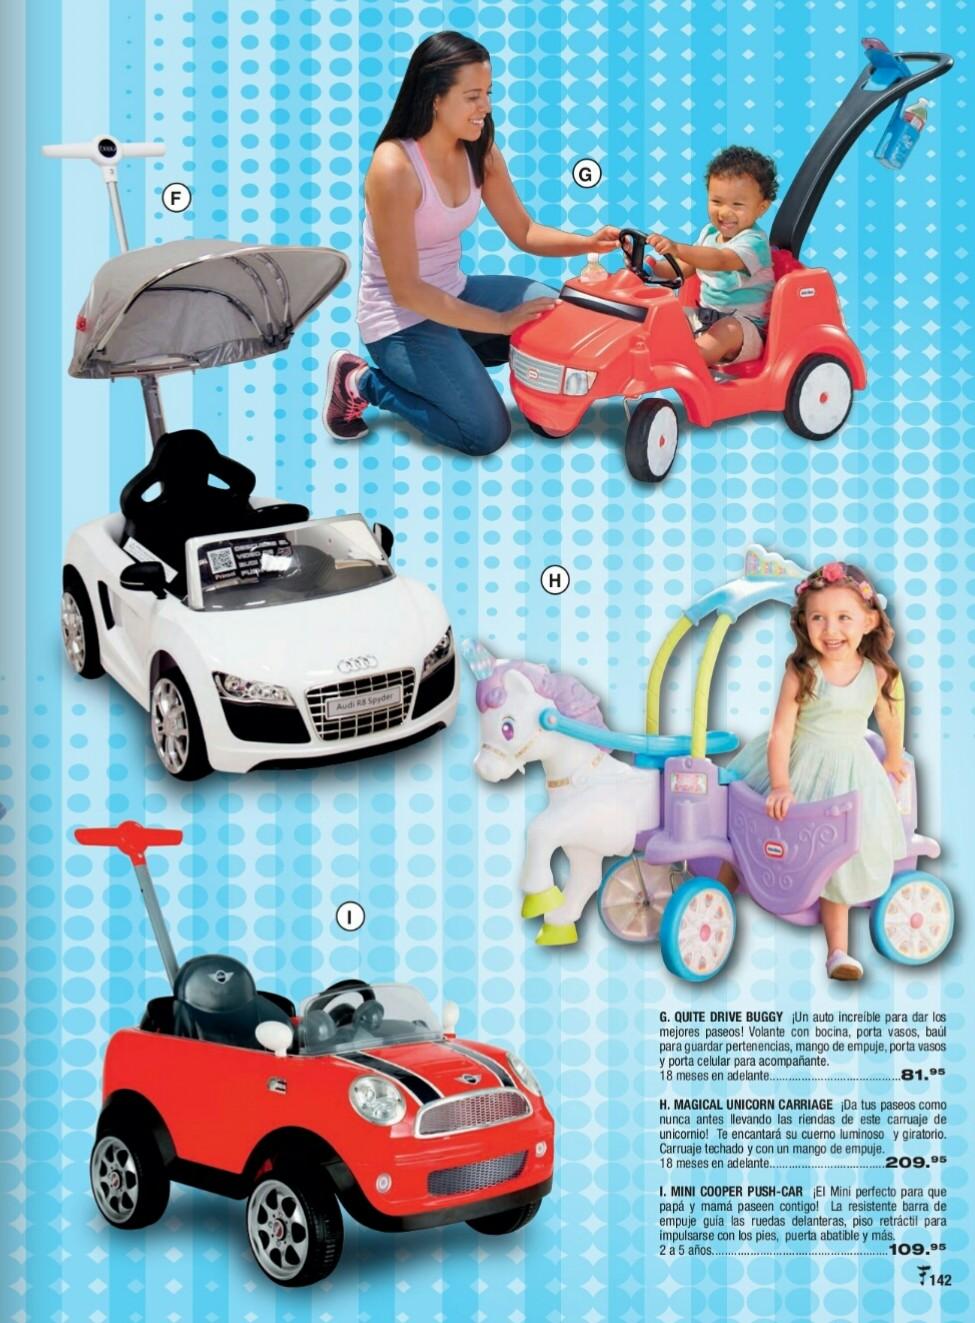 Catalogo juguetes Felix B Maduro 2018 p142